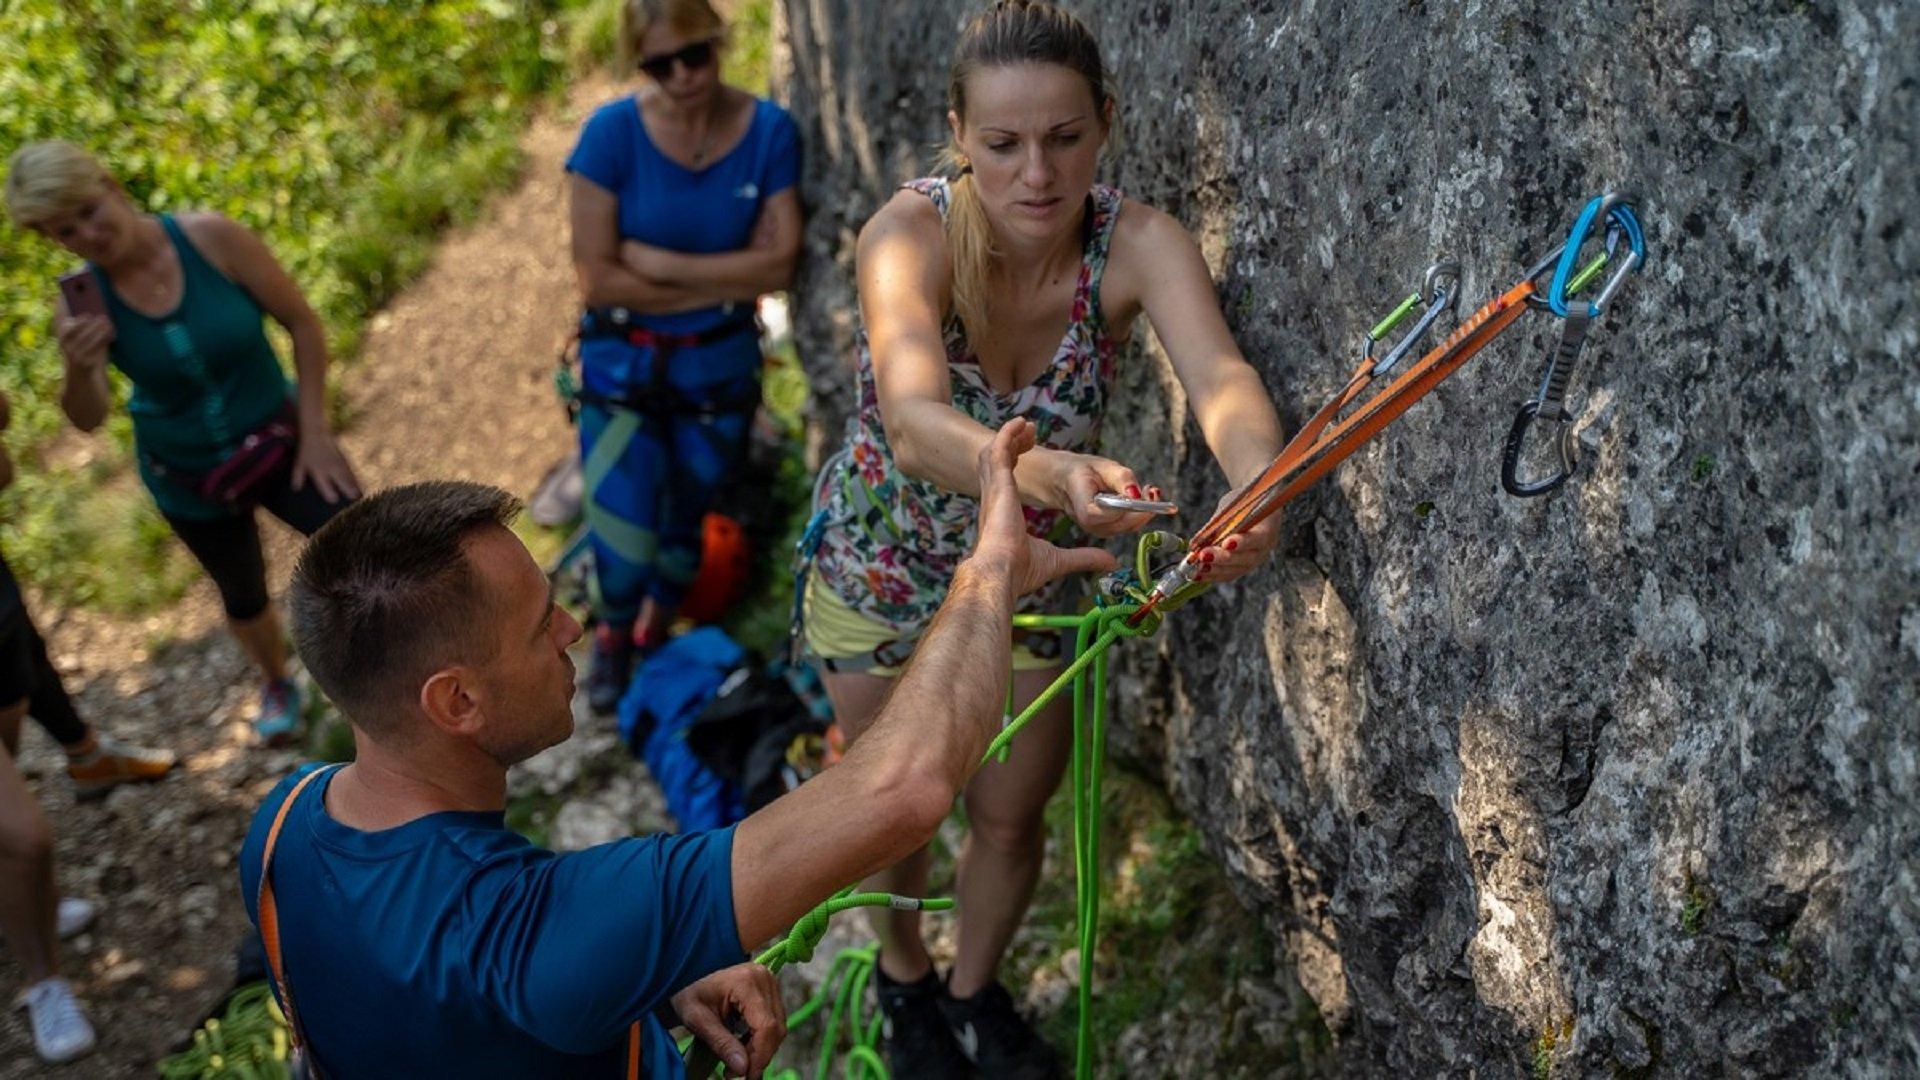 Kurs wspinaczki online, szkolenie wspinaczkowe online